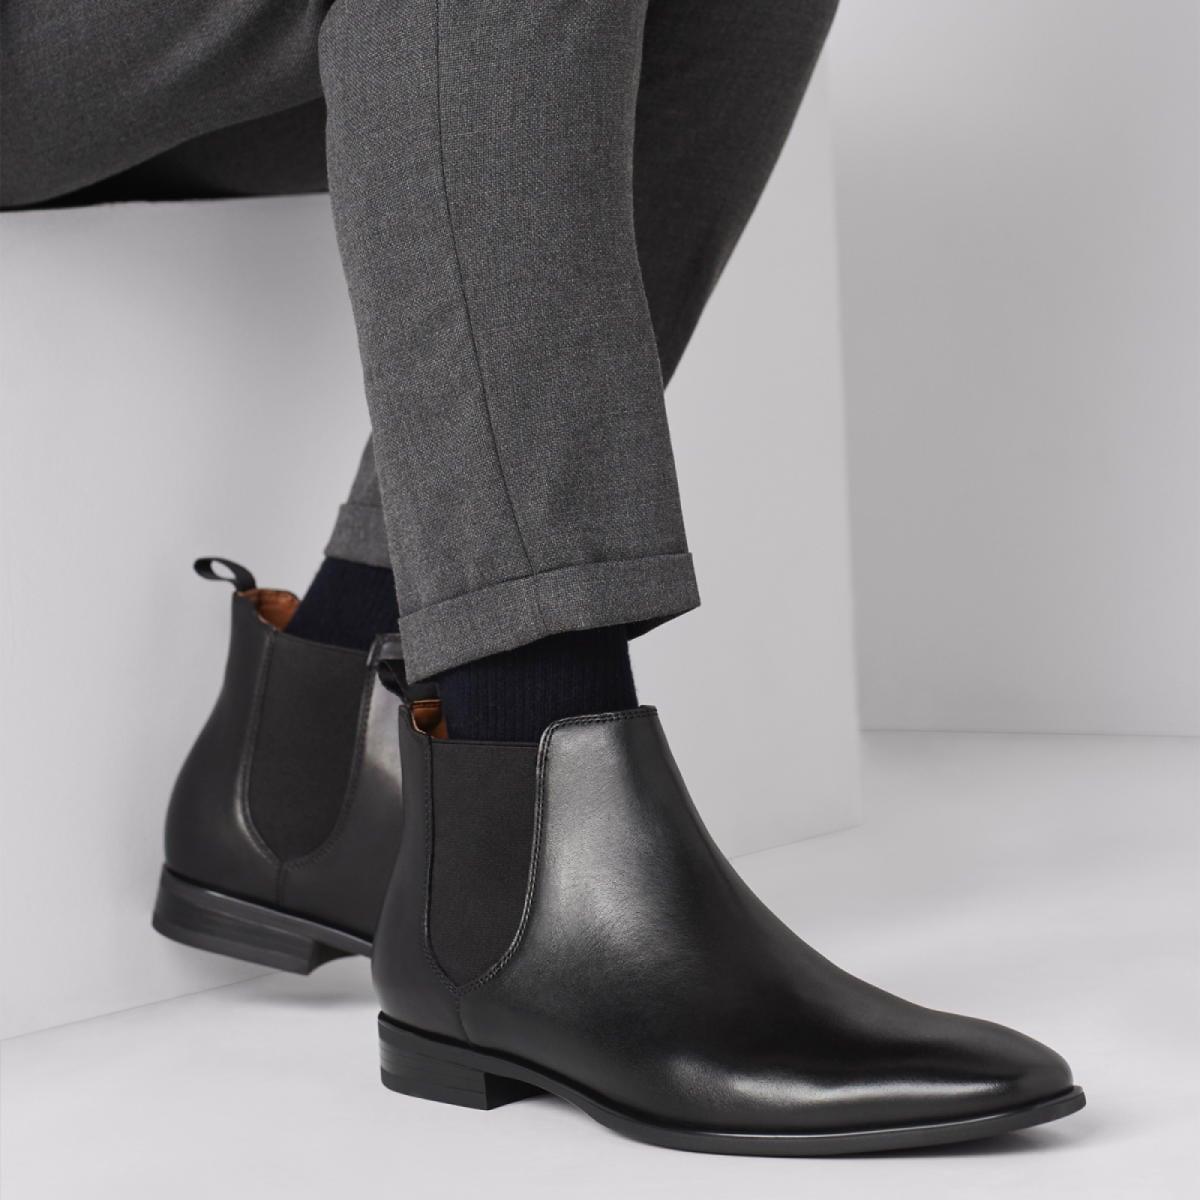 Vocien Black Men's Chelsea Boots | ALDO US